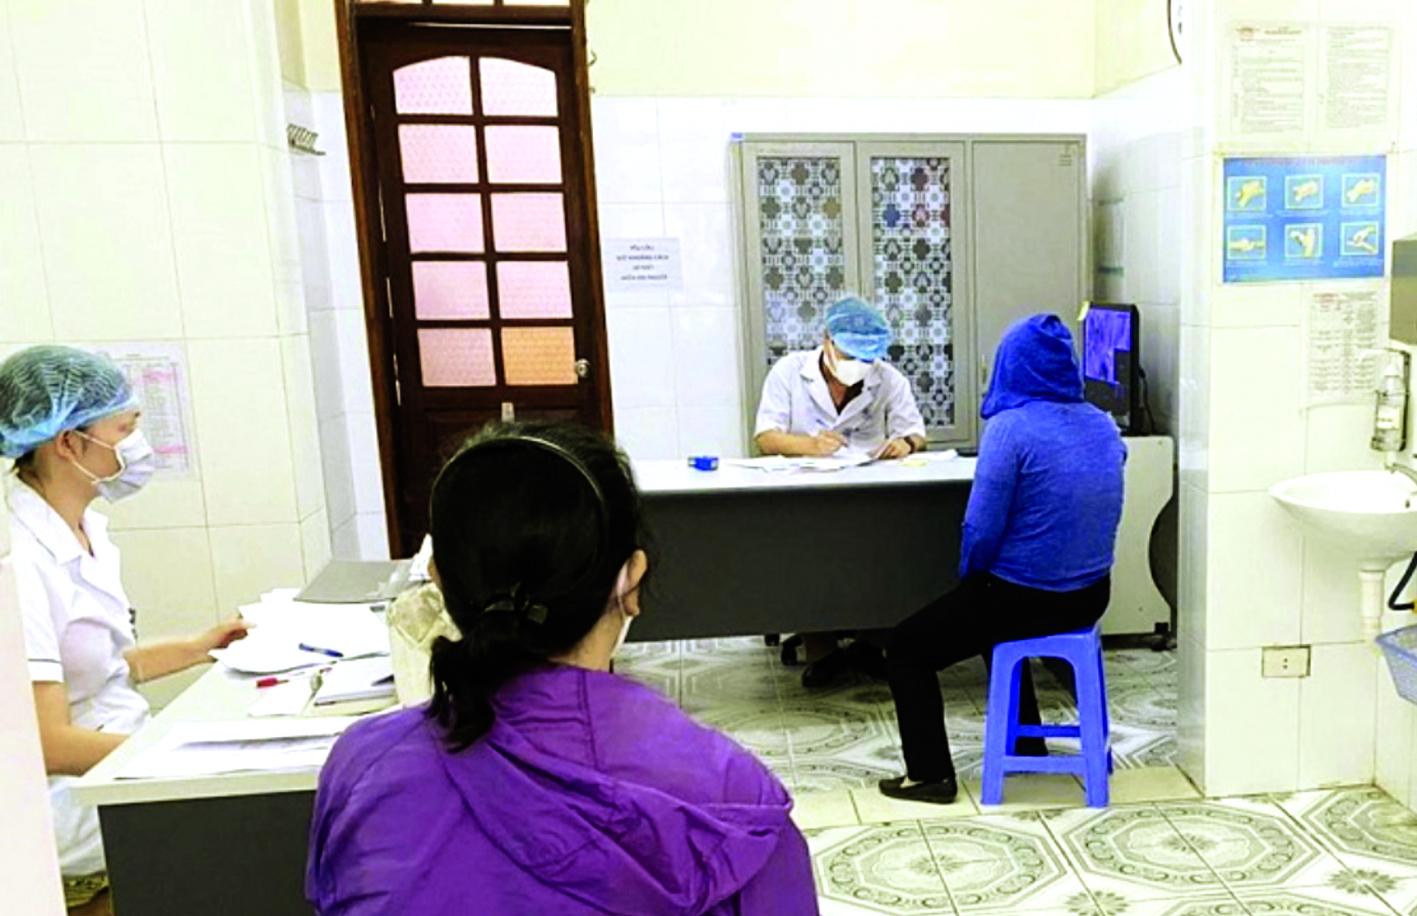 Một số trường hợp có dấu hiệu rối loạn tâm thần đến khám tại Bệnh viện Tâm thần Hà Nội